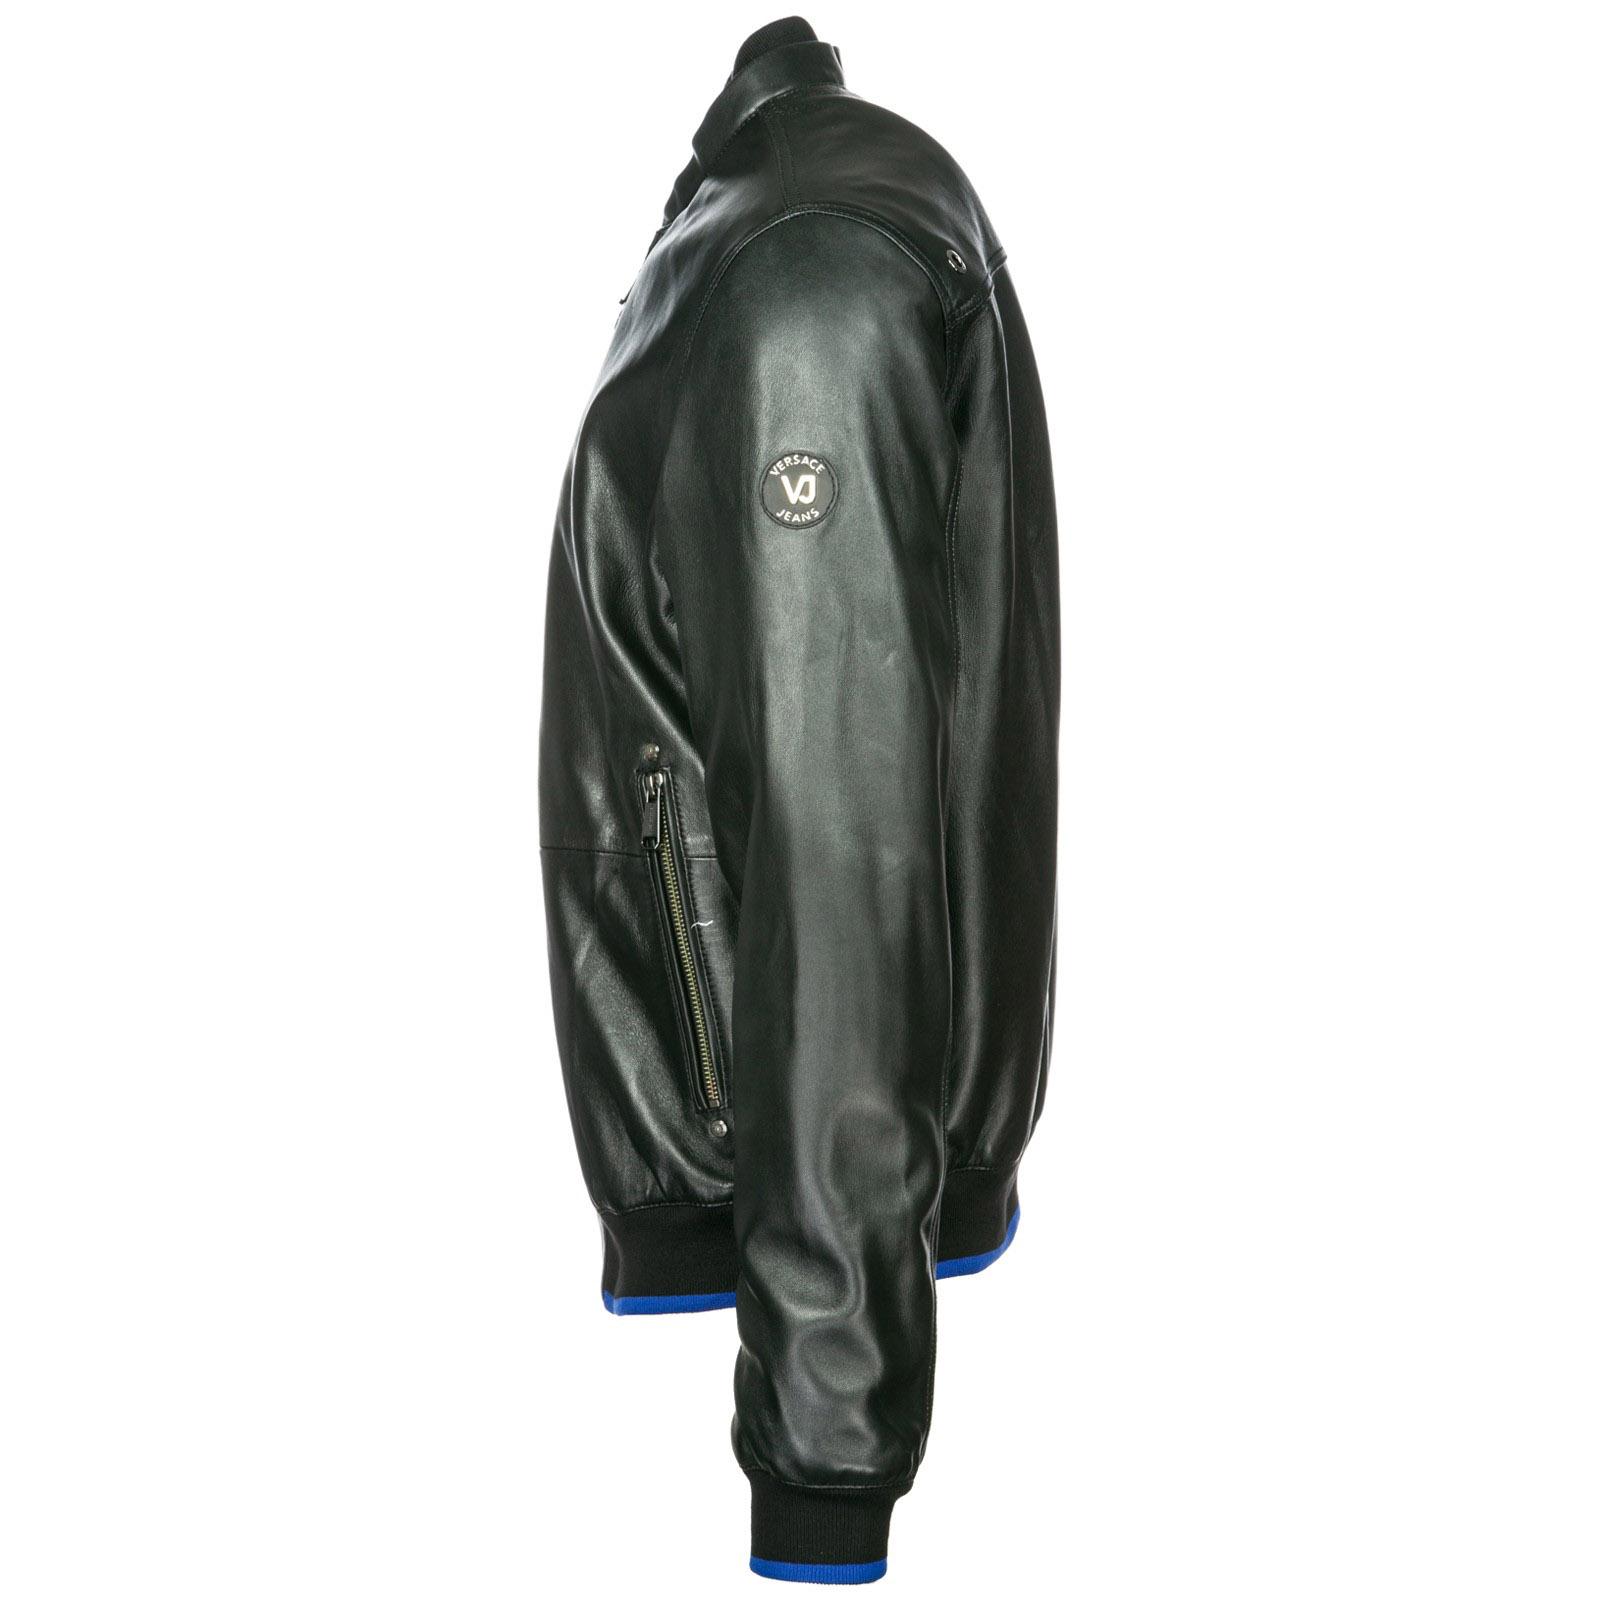 Veste en cuir Versace Jeans ECGSB9P5 nero   FRMODA.com 8418643bed8